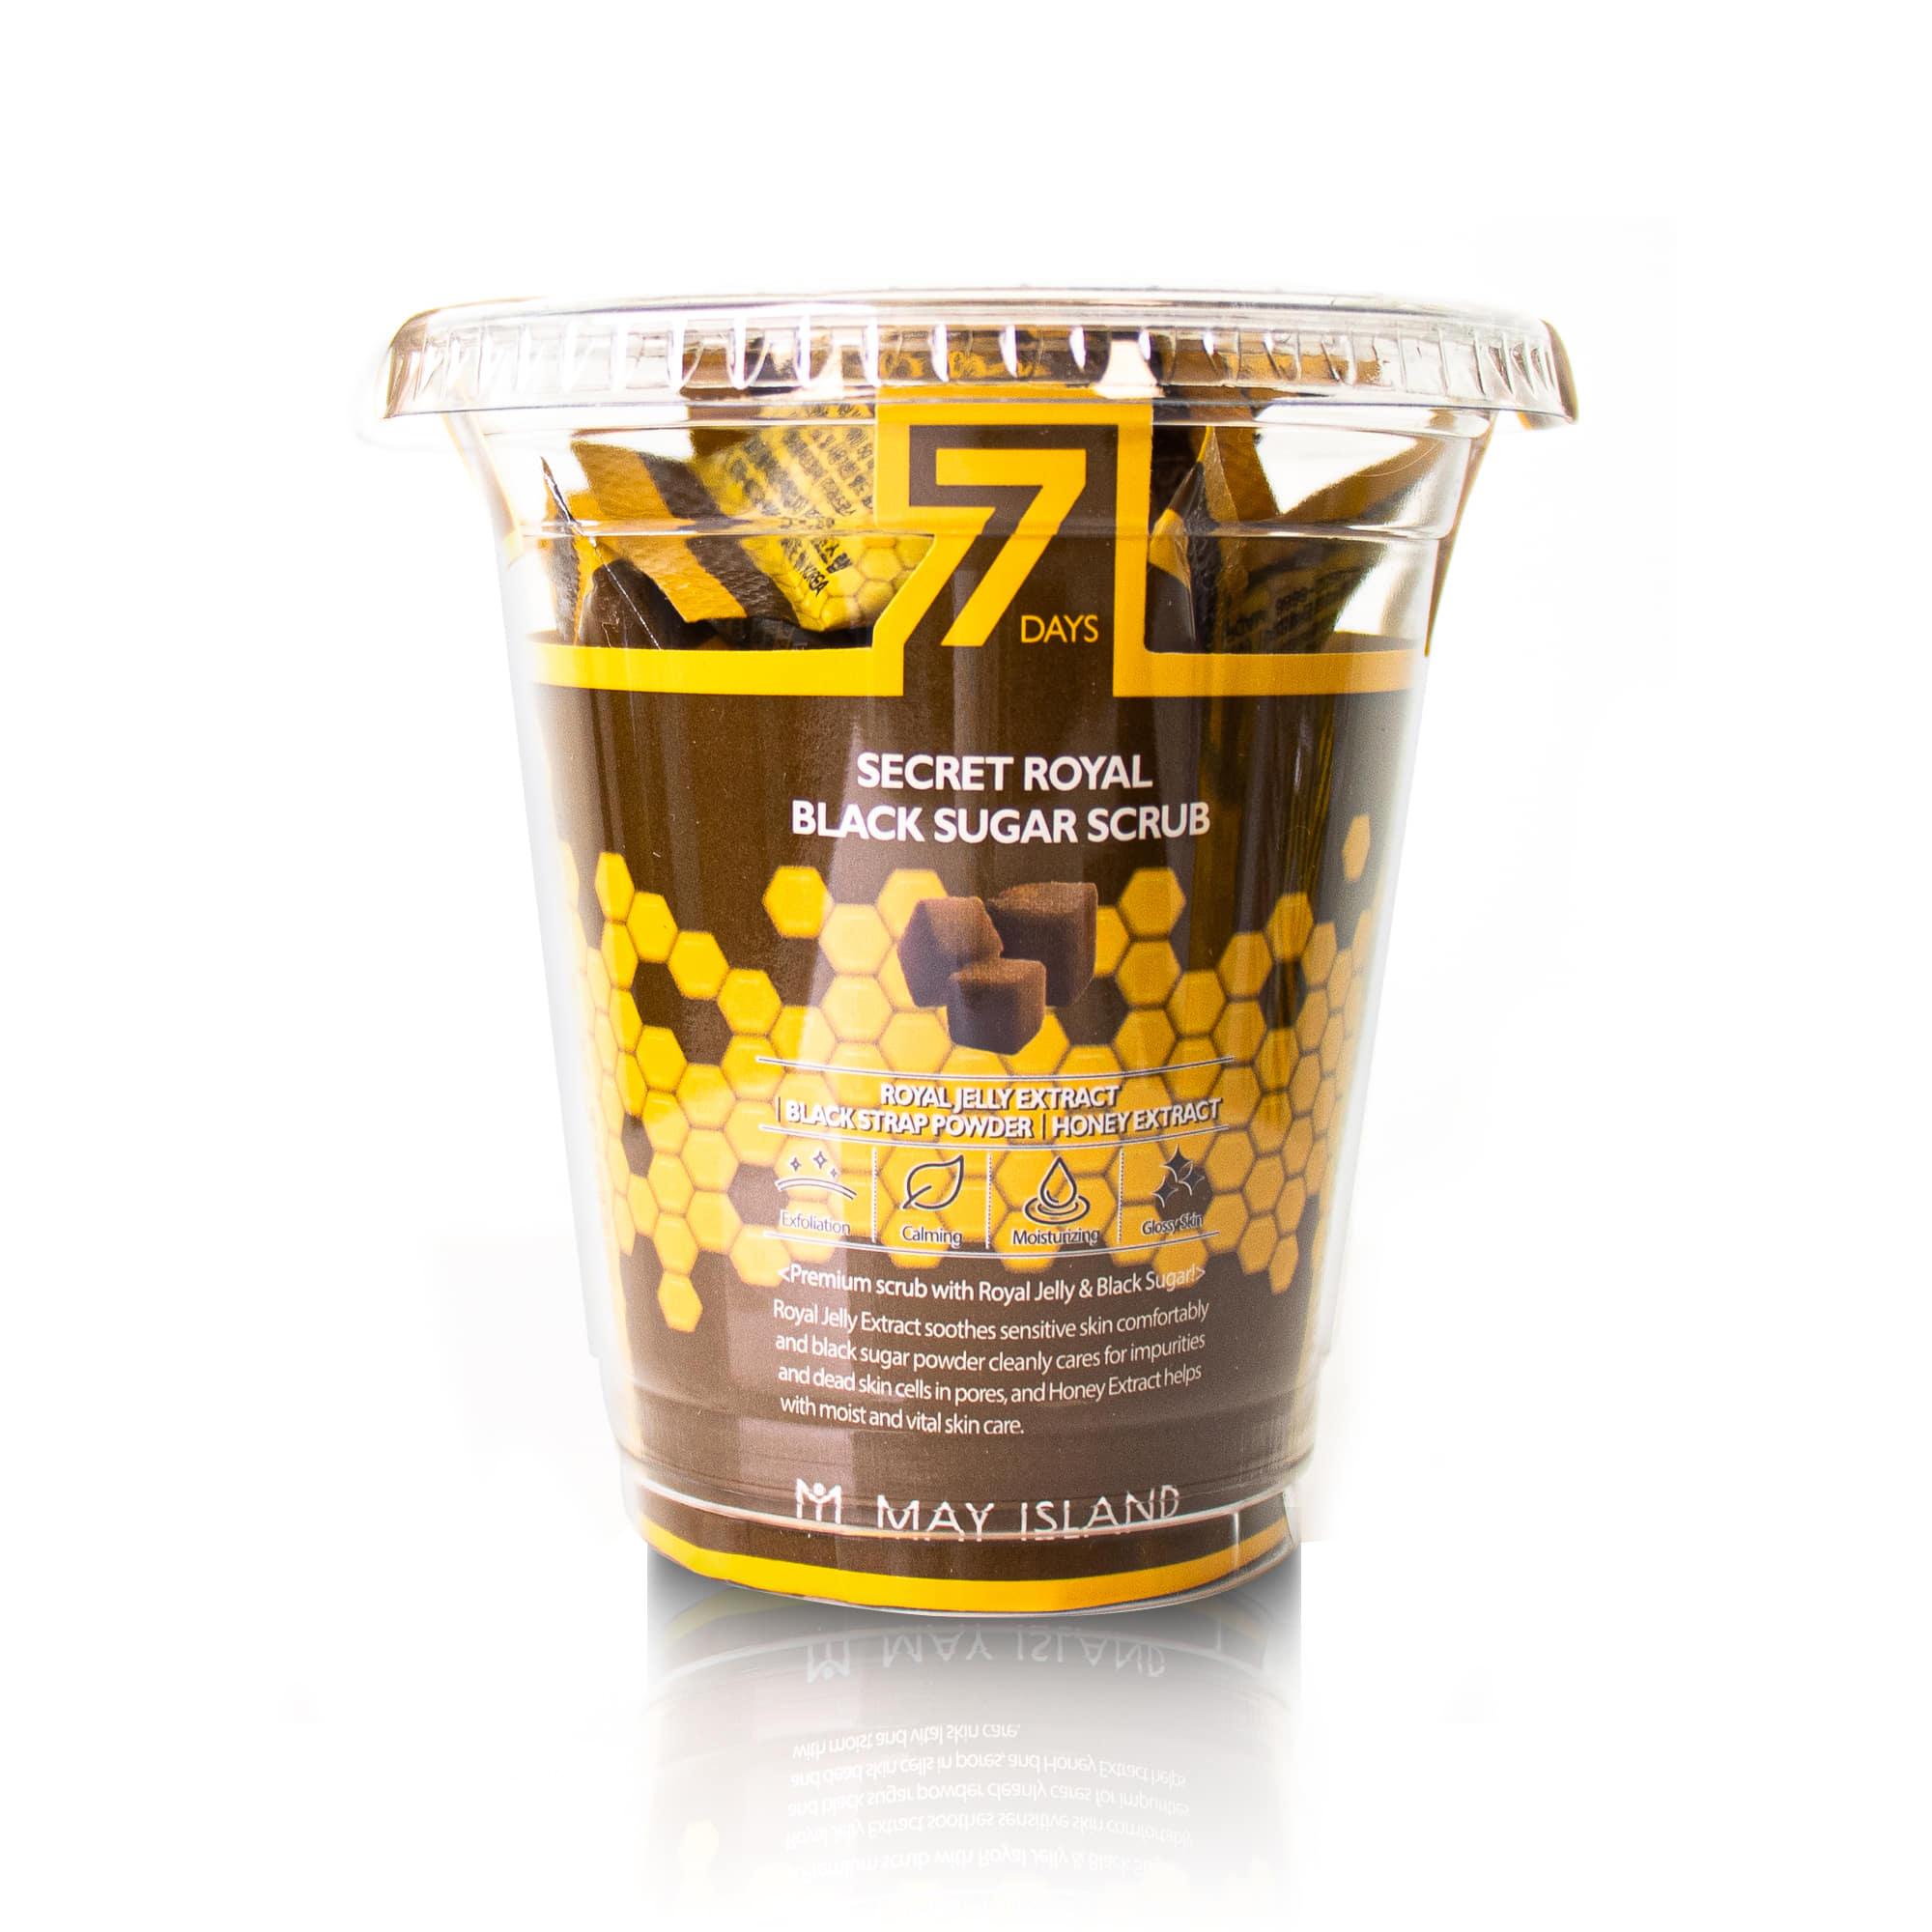 7데이즈 시크릿 로열 흑설탕 스크럽